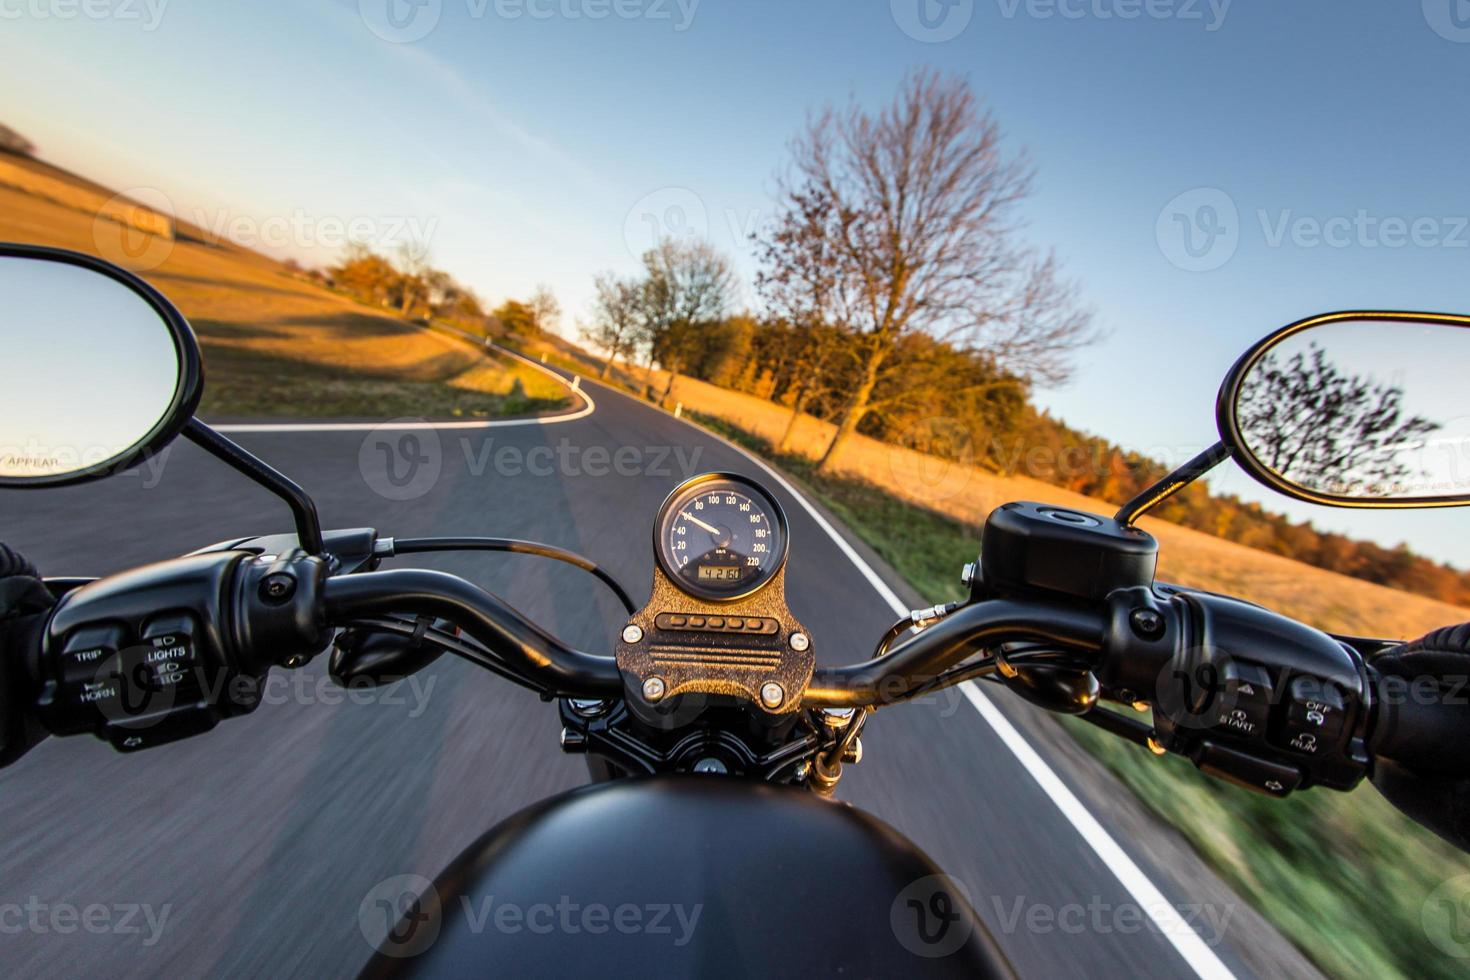 der Blick über den Lenker des Motorrades foto